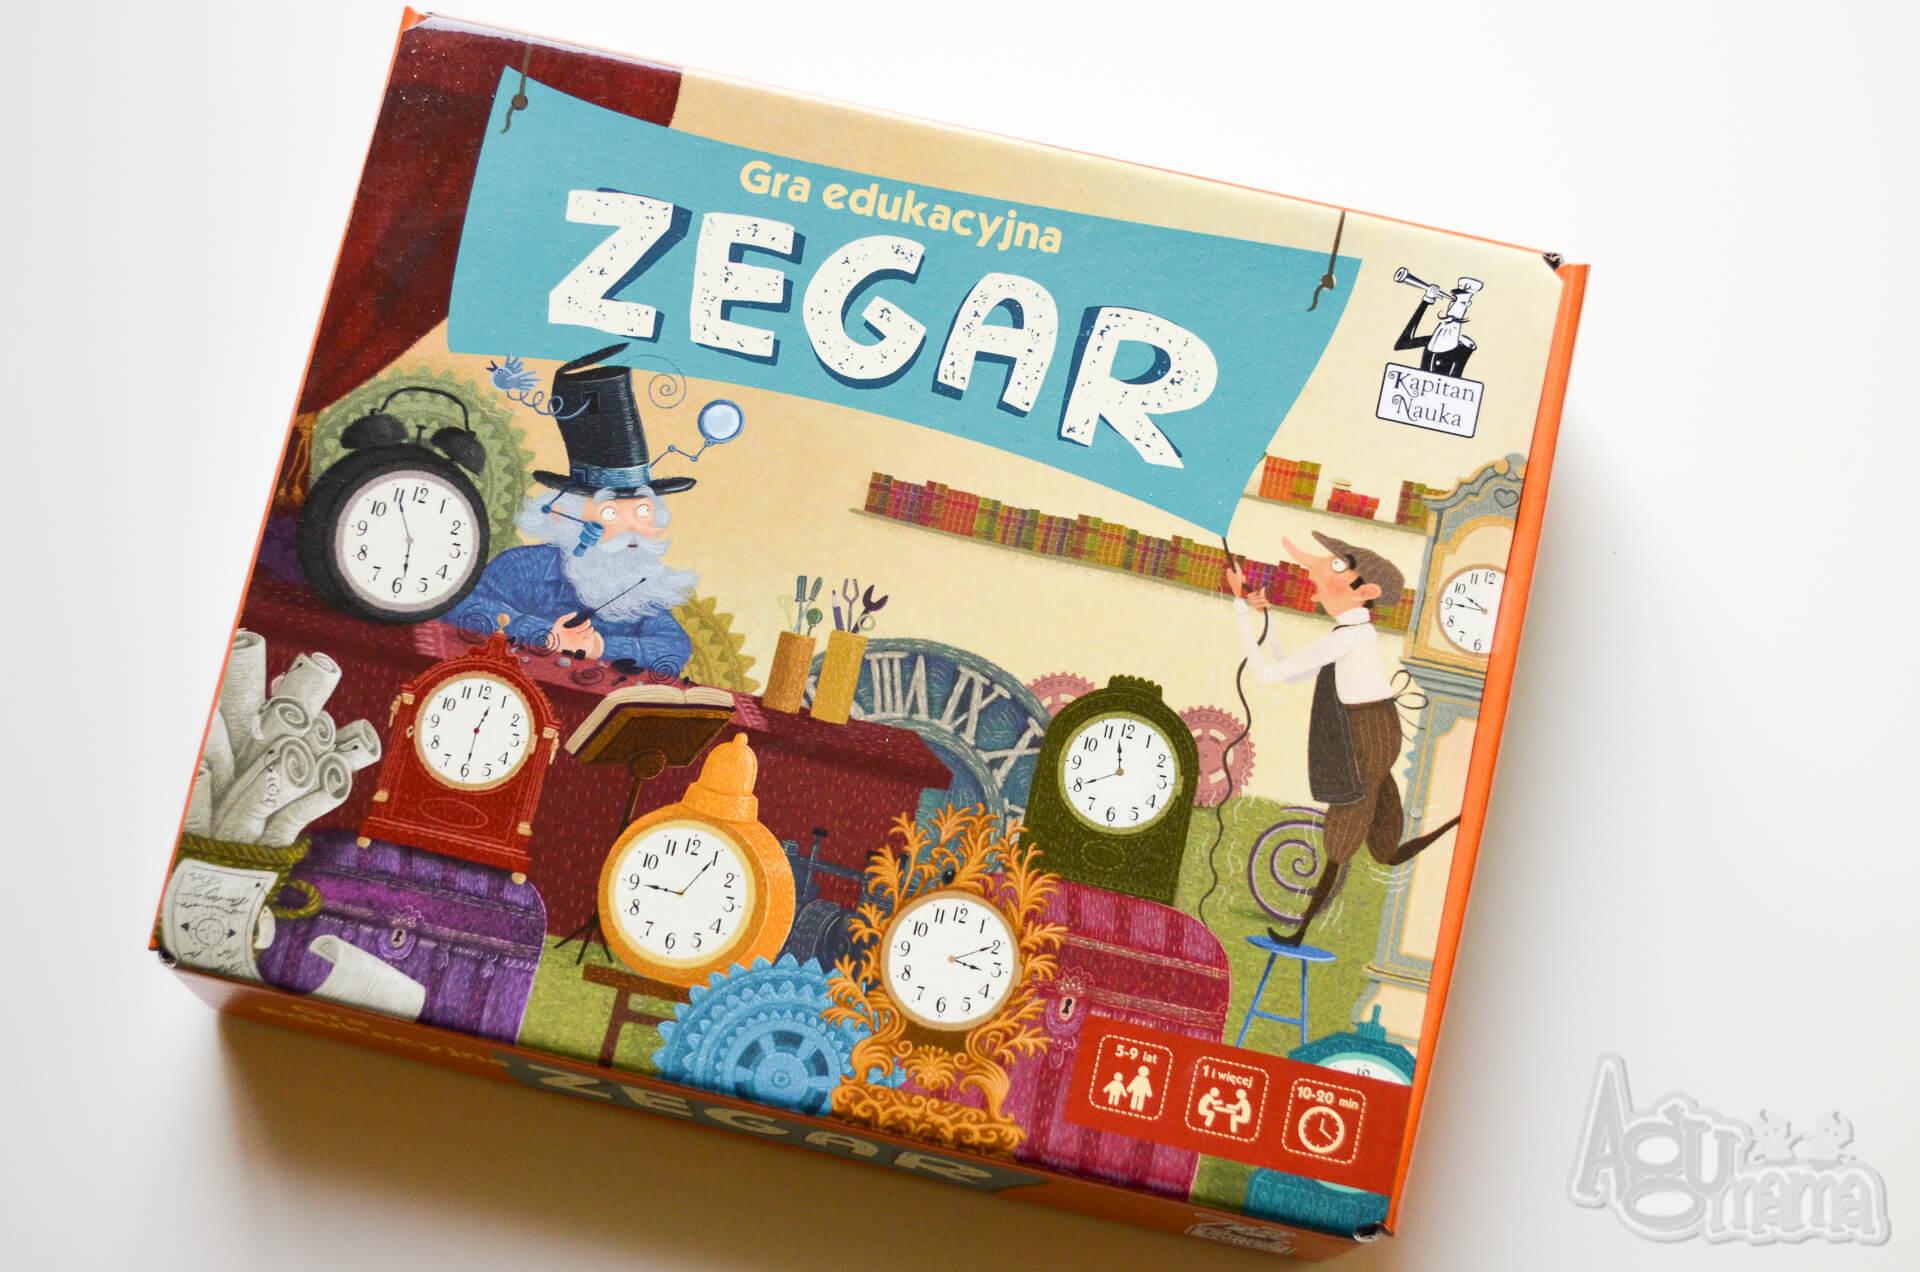 gra edukacyjna zegar pudełko